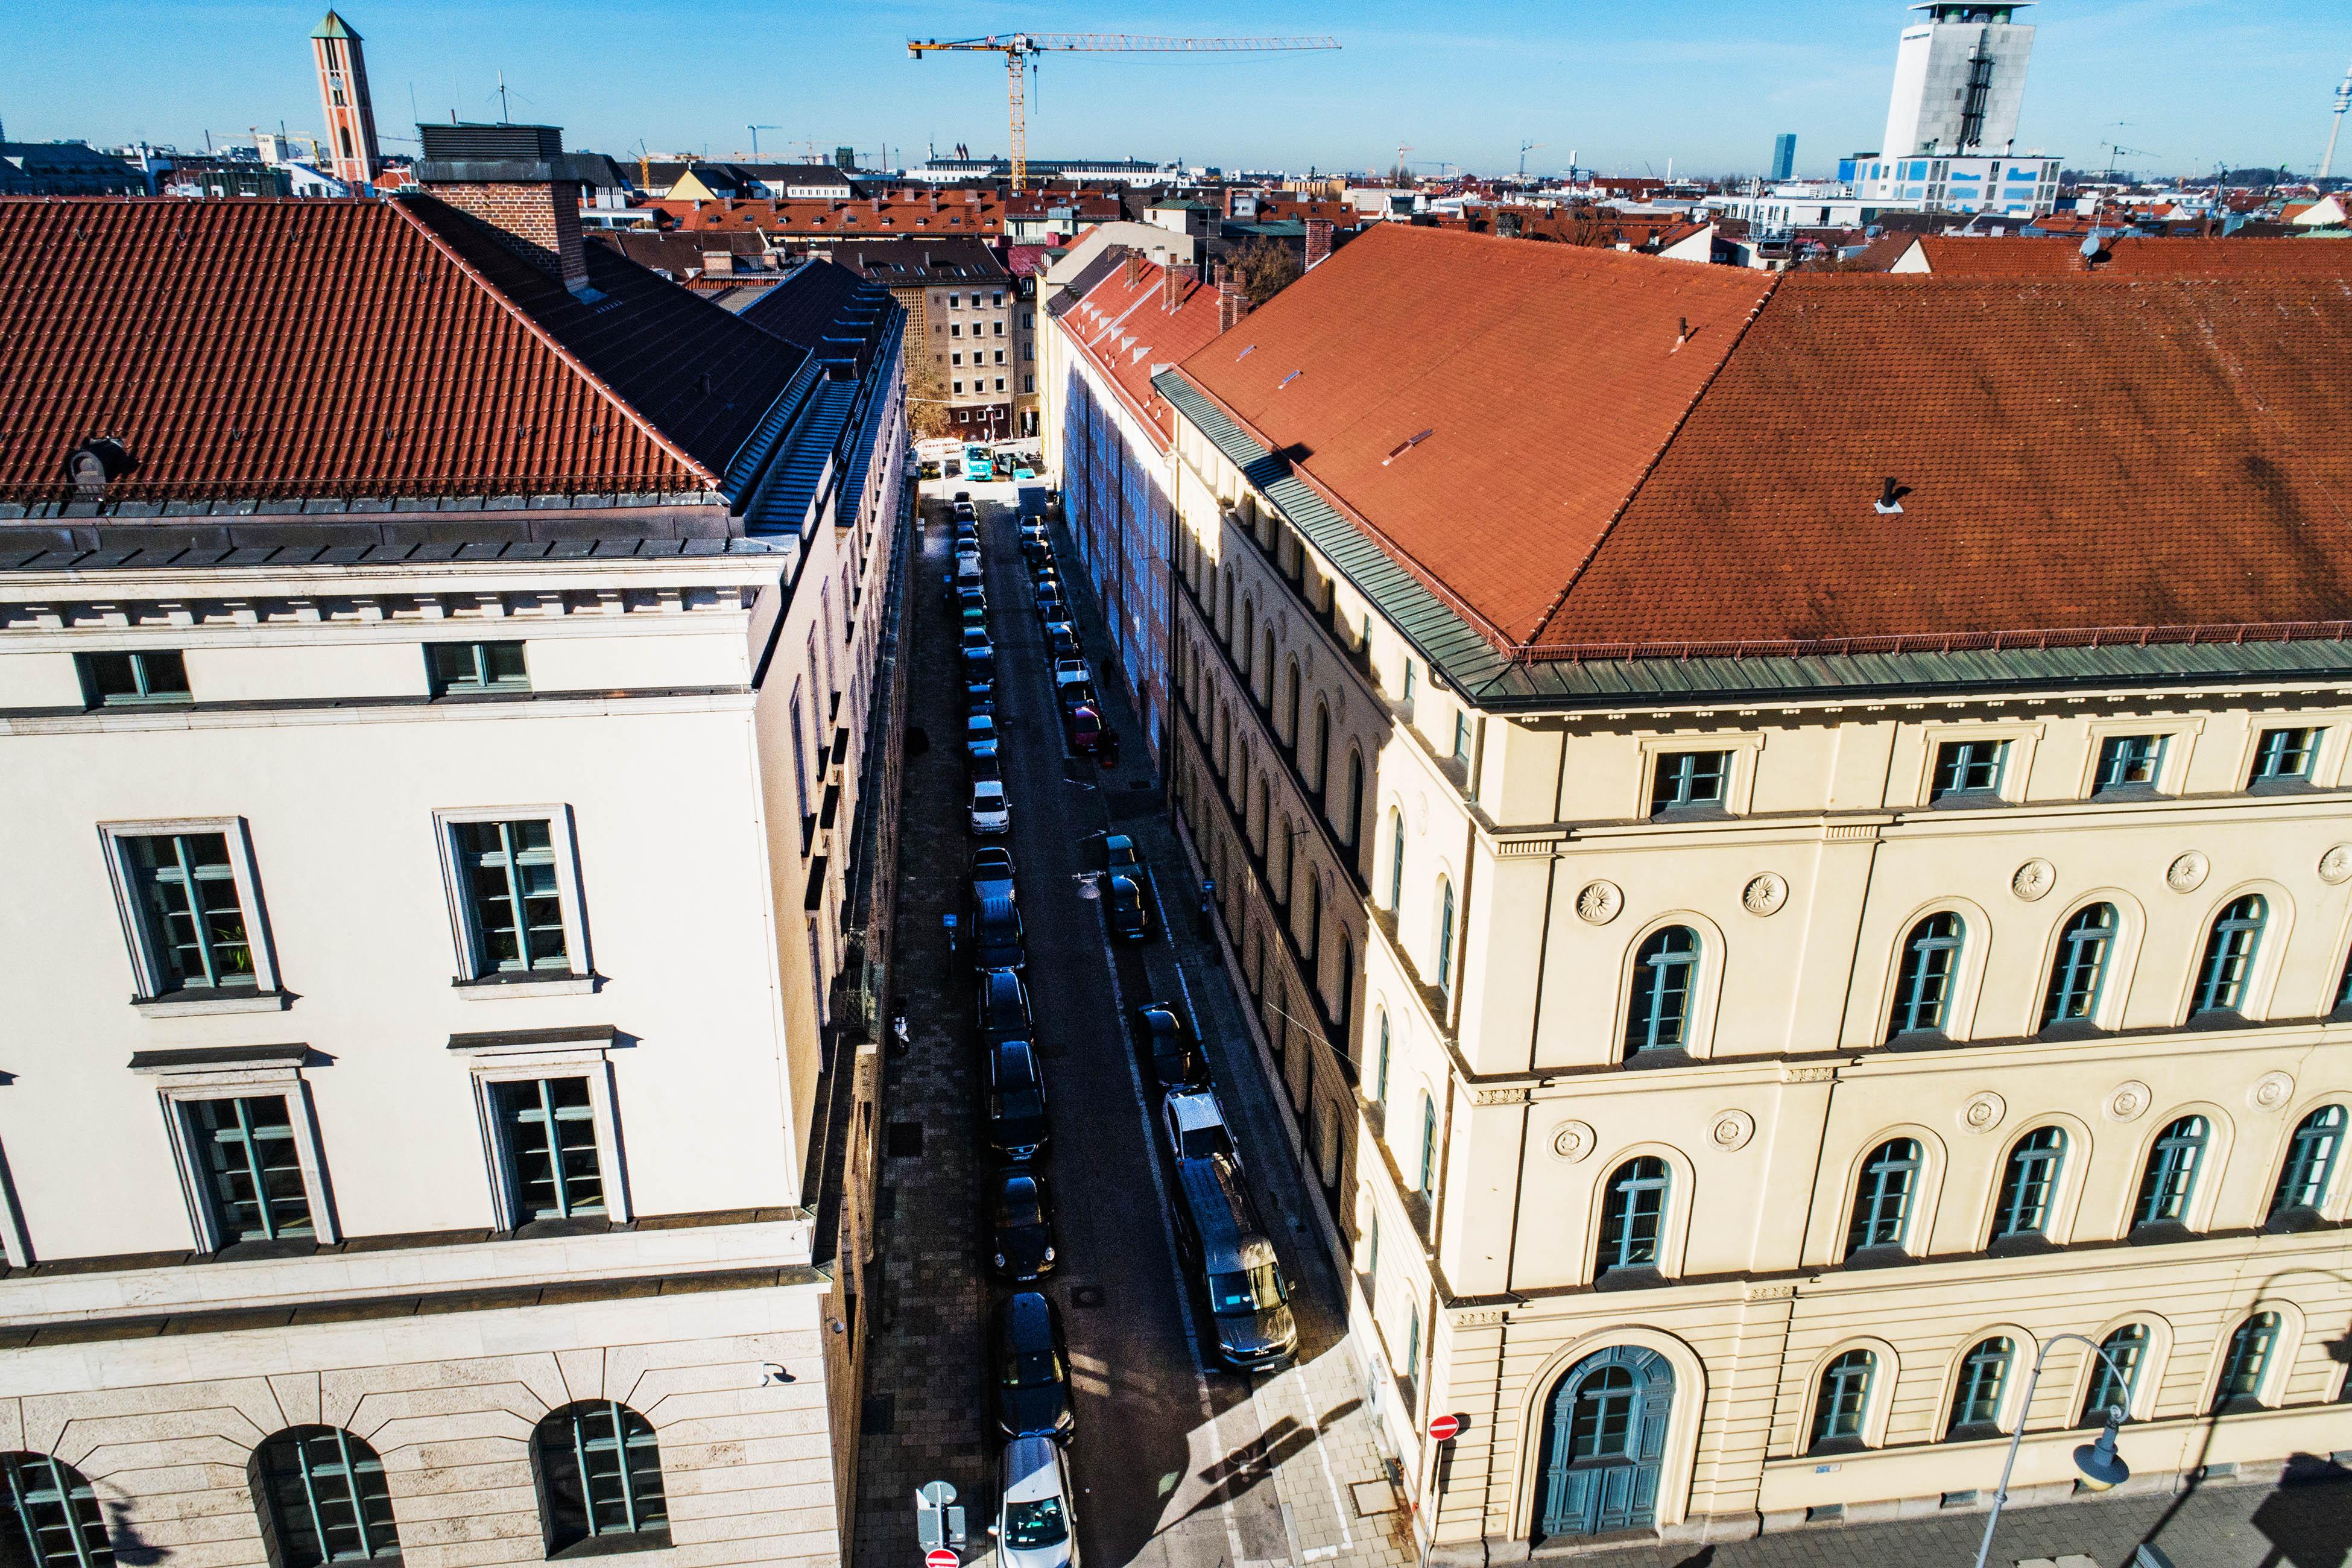 Rheinbergerstrasse